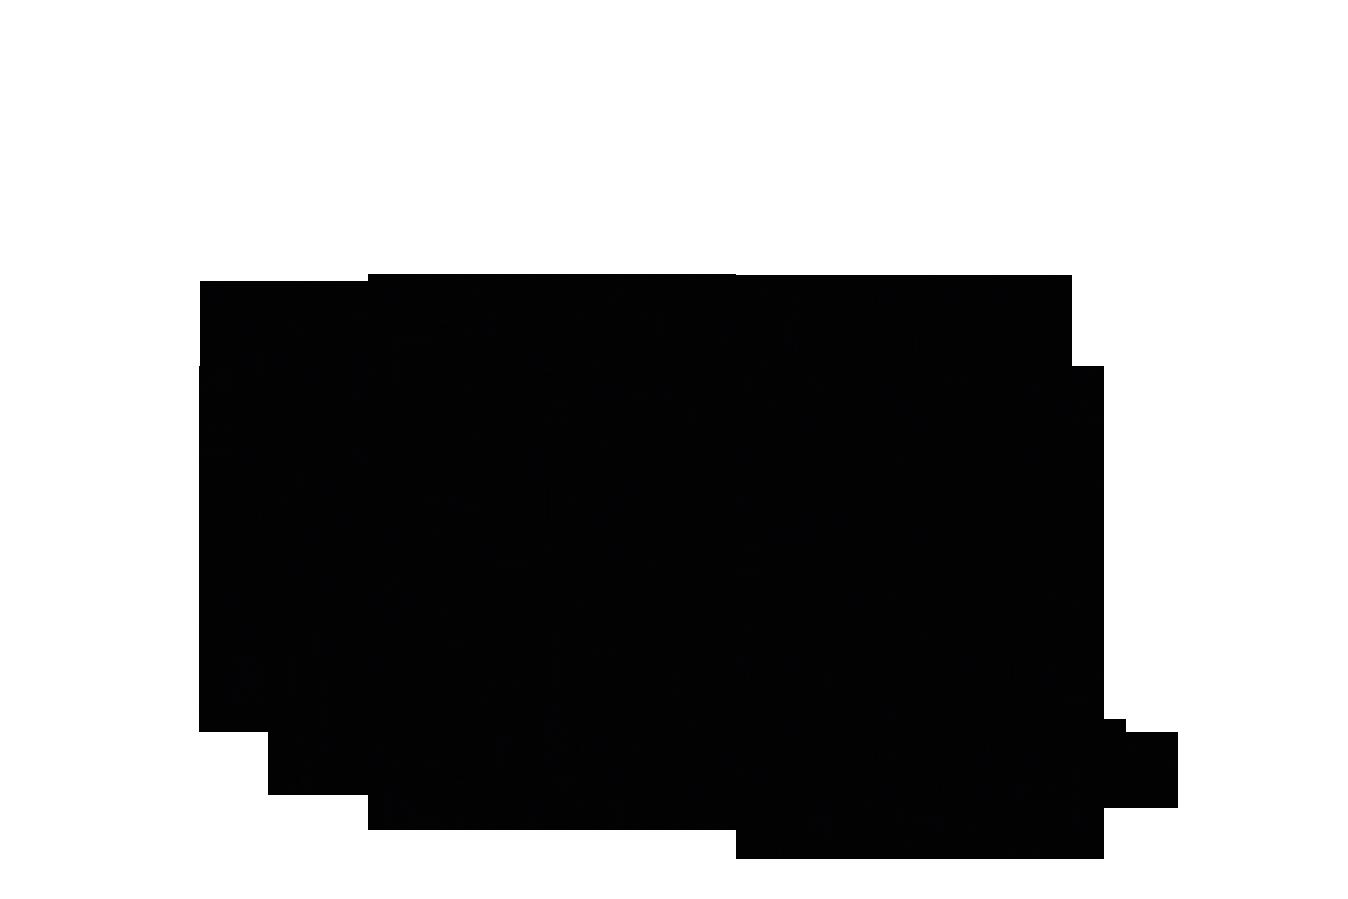 Pamir S 01-215: Breite ca. 215 cm ; Tiefe ca. 160 cm; Gewicht ca. 25,5 kg